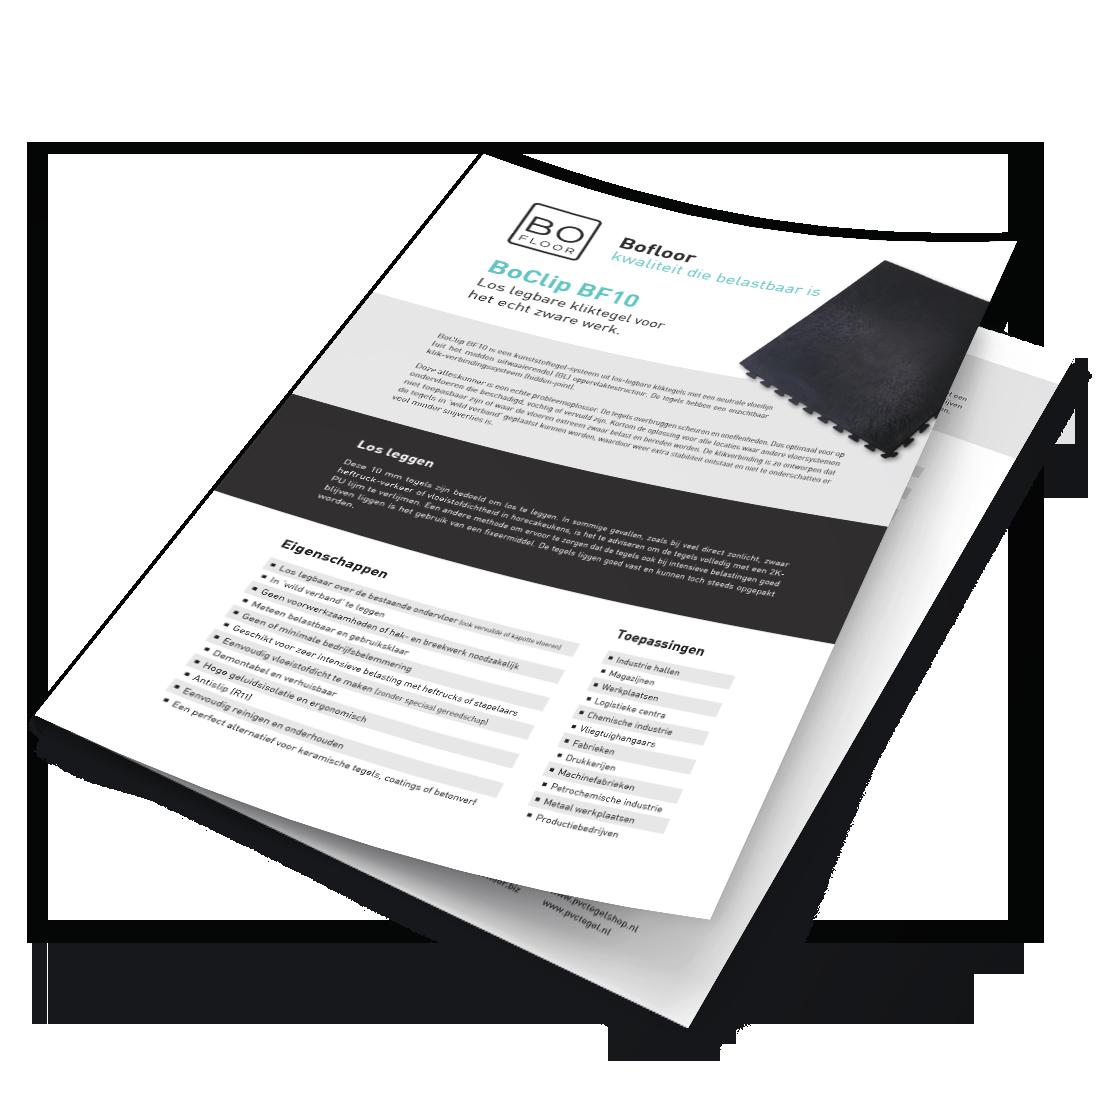 Datasheet BoClipBF10-werkplaatsvloer